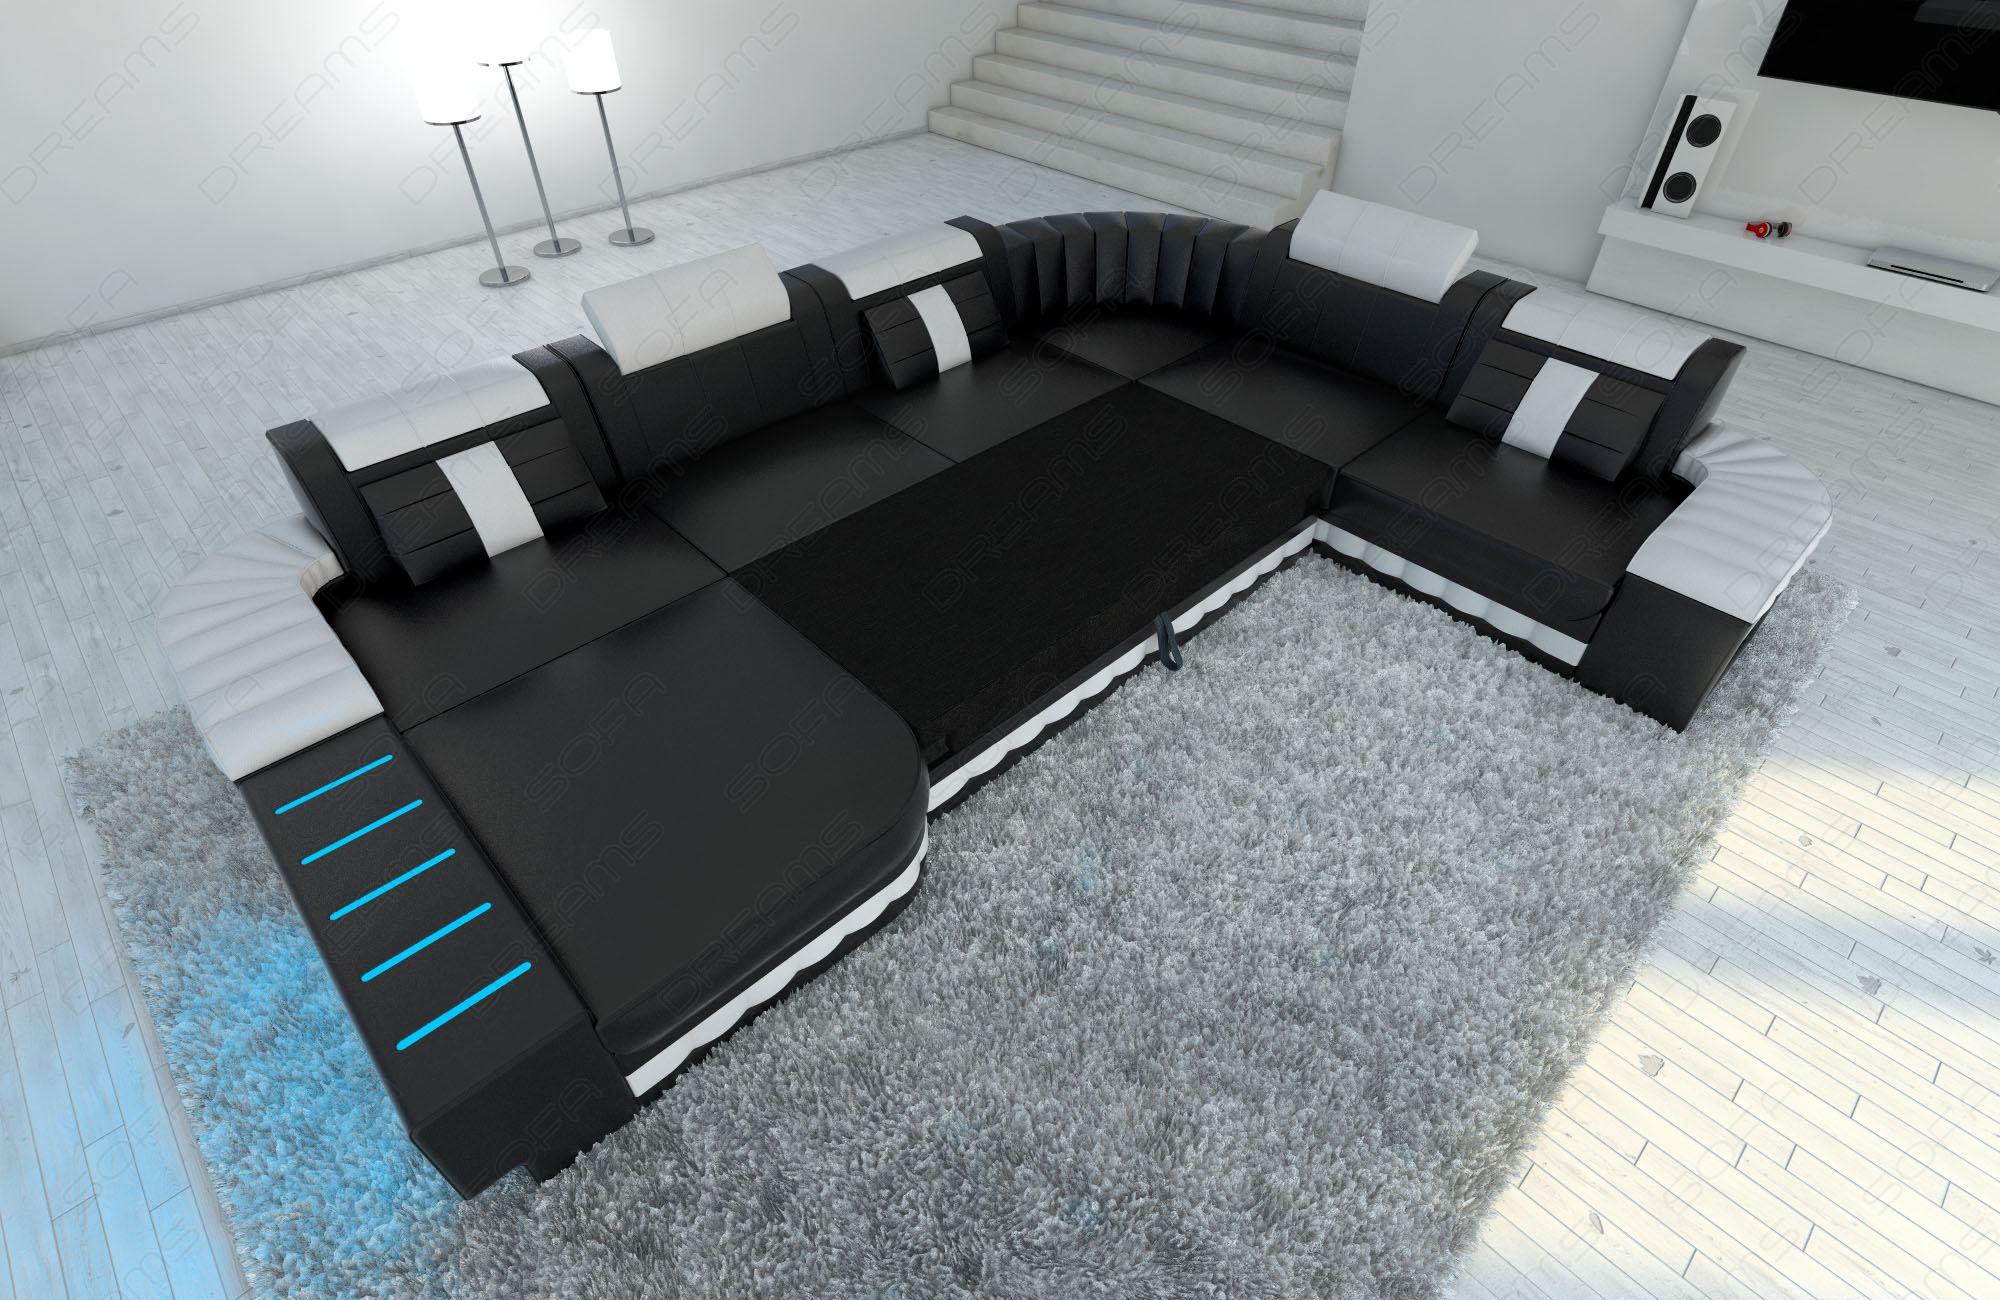 Full Size of Design Sofa Wohnlandschaft Bellagio Led Ottomane Xxl Couch Big Sam Elektrische Fußbodenheizung Bad Pension Aibling Leinen Kleine Küche Einrichten Mit Sofa L Sofa Mit Schlaffunktion